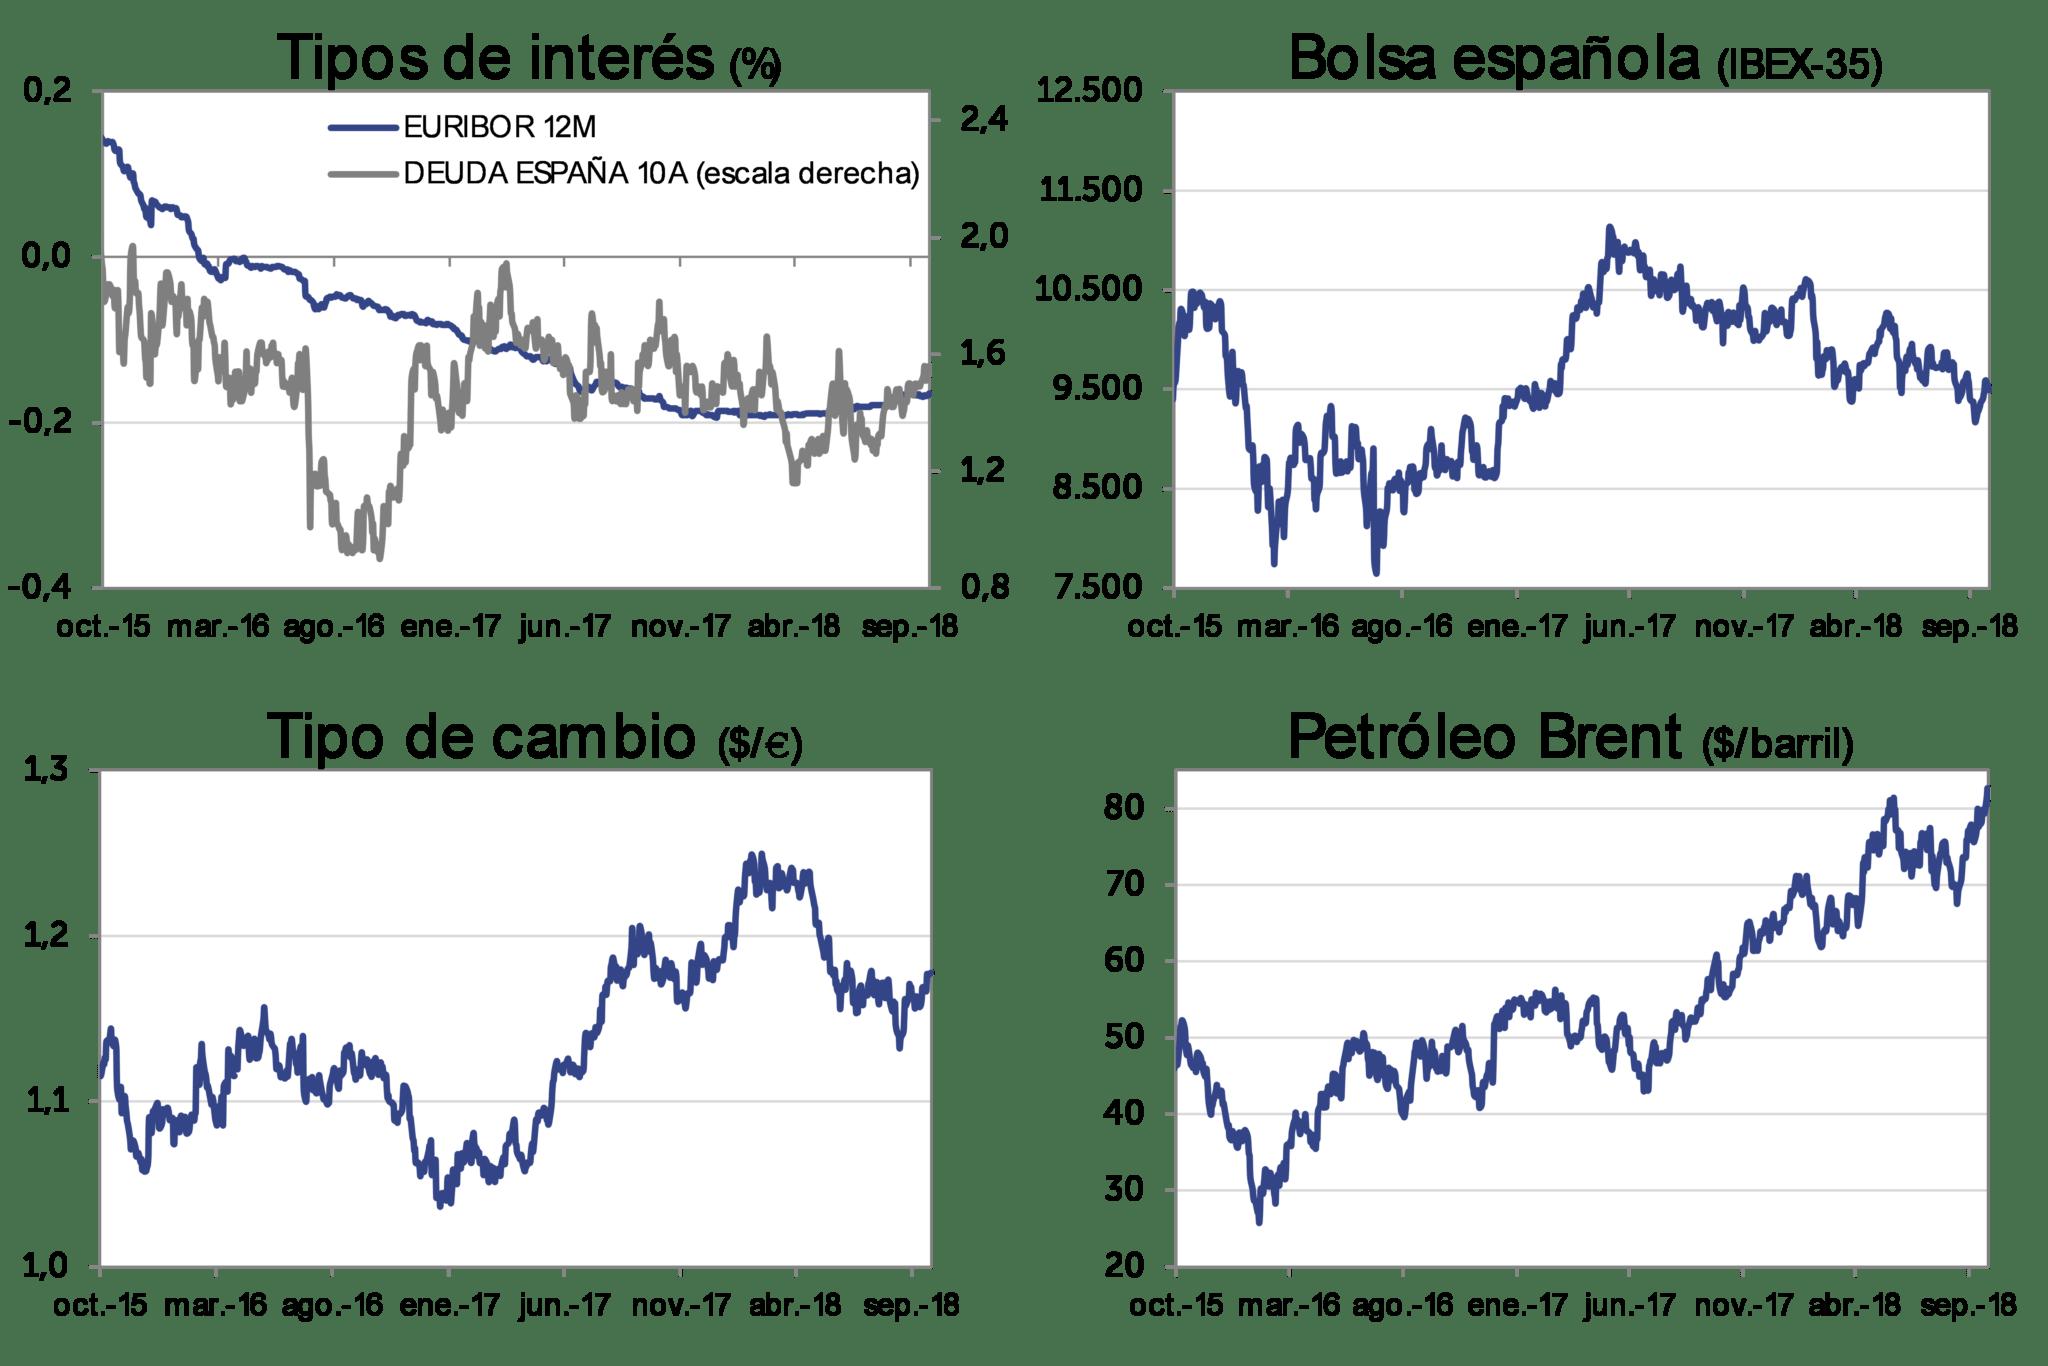 Evolución Mercado sep-2018: Tipos de interés, bolsa española (IBEX-35), Tipo de cambio (dolar/euro), Petróleo Brent (dolar/barril)